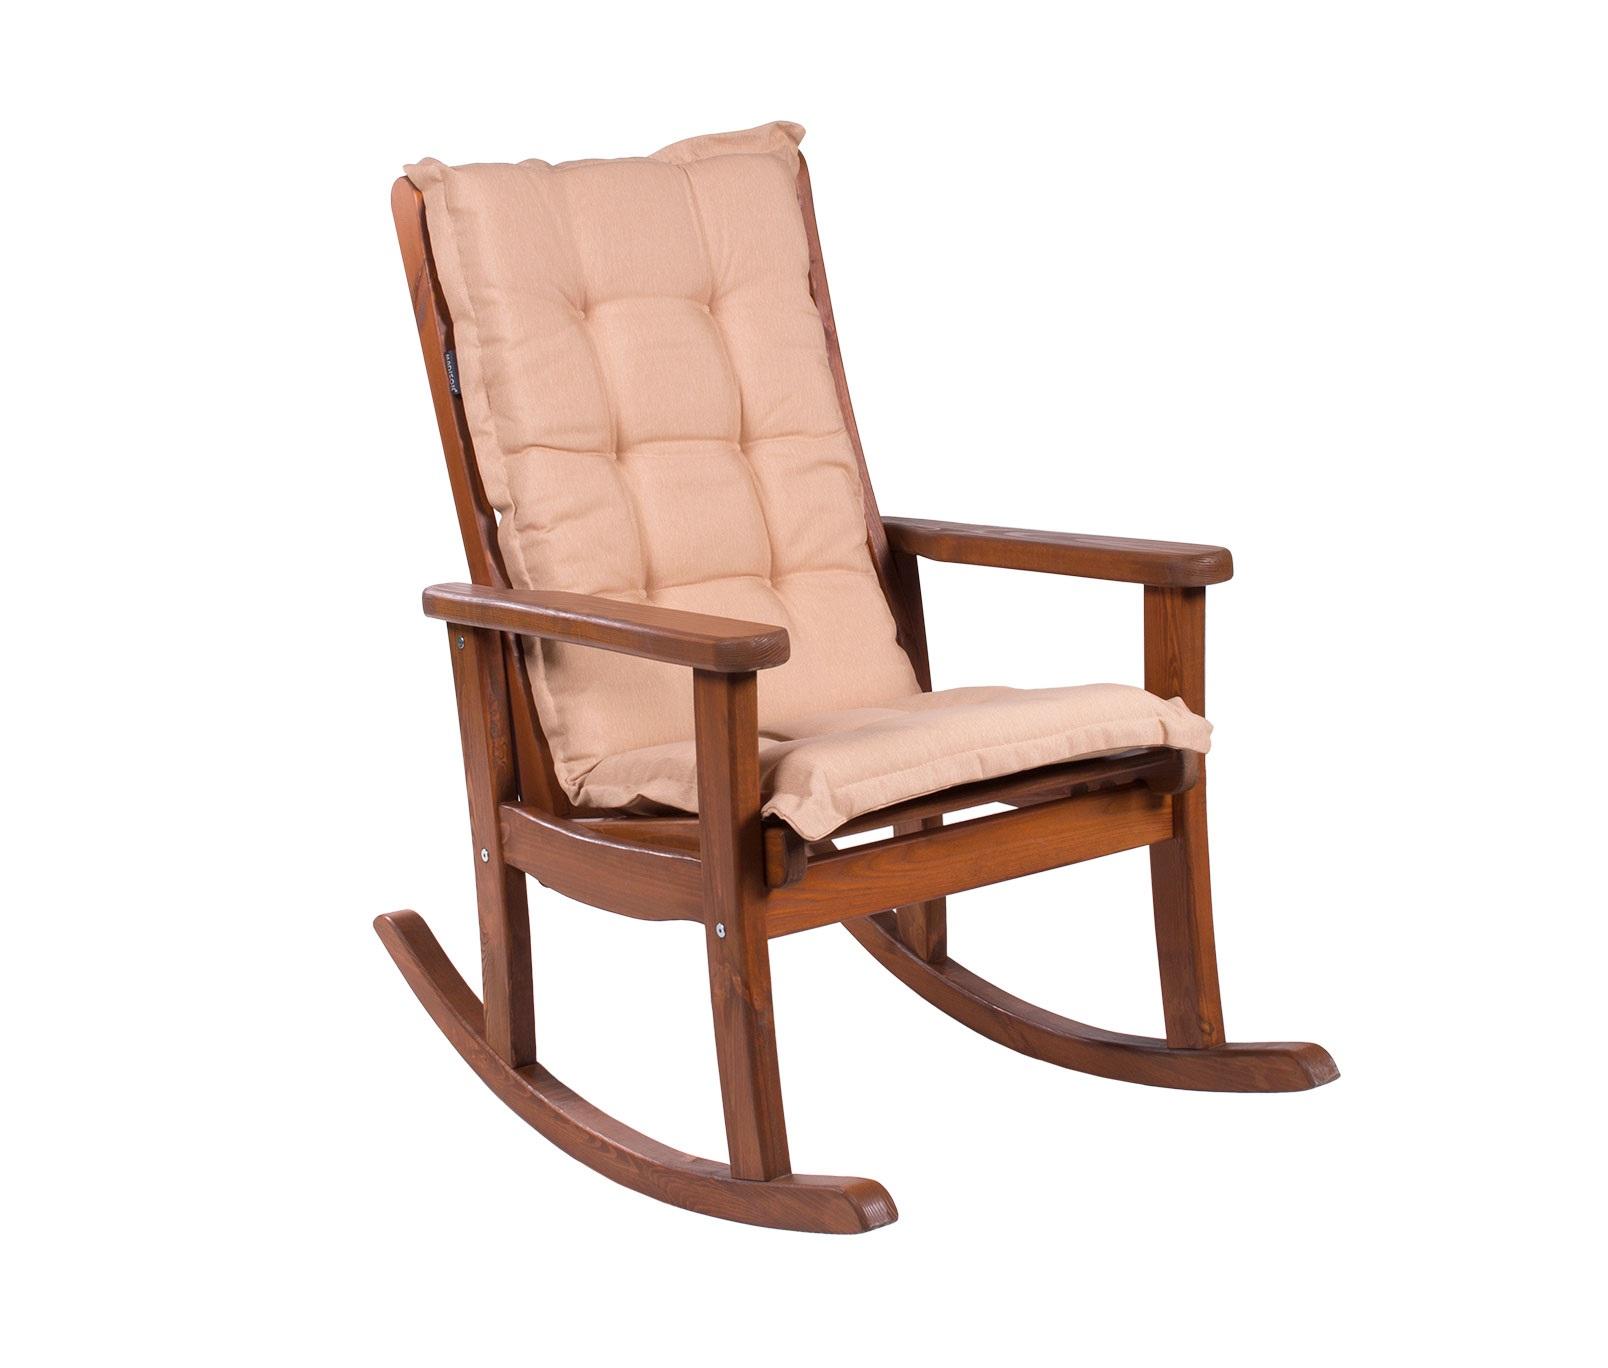 Кресло-качалка SolbergaКресла для сада<br>&amp;lt;span style=&amp;quot;font-size: 14px;&amp;quot;&amp;gt;Кресло-качалка Solberga выполнено из массива сосны цвета капучино. Оно прекрасно подойдет для отдыха в любом месте вашего загородного дома. На кресле Вам будет удобно как в помещении, так и на улице или террасе.&amp;amp;nbsp;&amp;lt;/span&amp;gt;<br><br>Material: Дерево<br>Length см: None<br>Width см: 98<br>Depth см: 66<br>Height см: 101